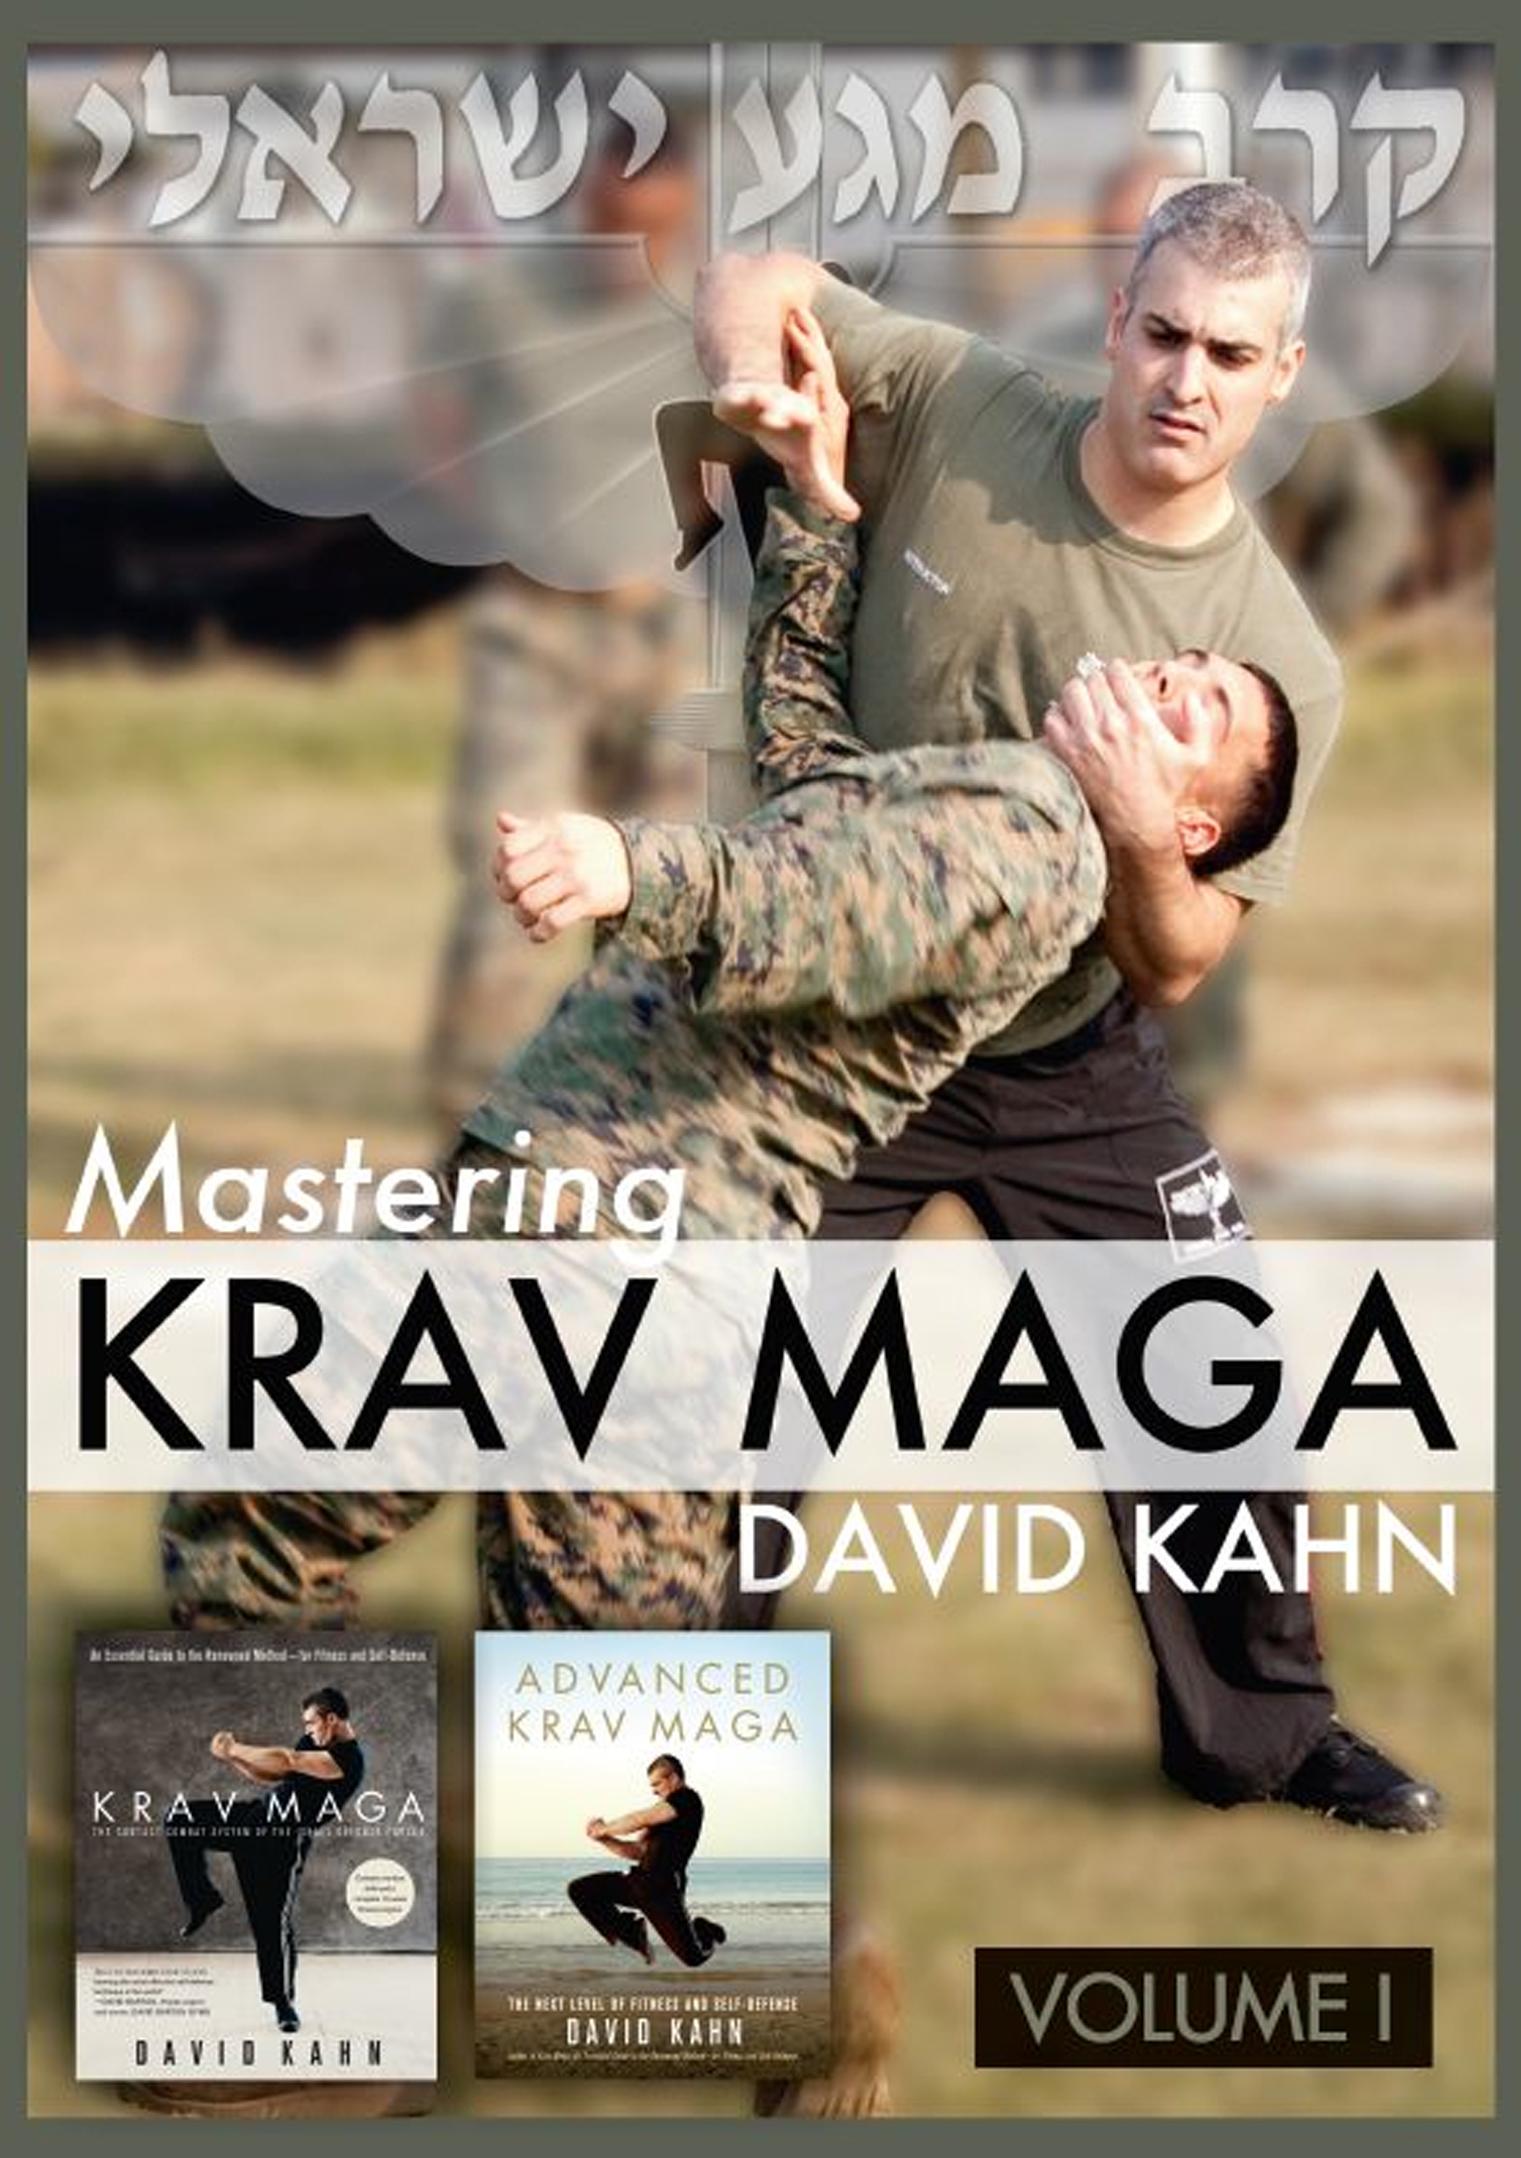 David Kahn: Mastering Krav Maga